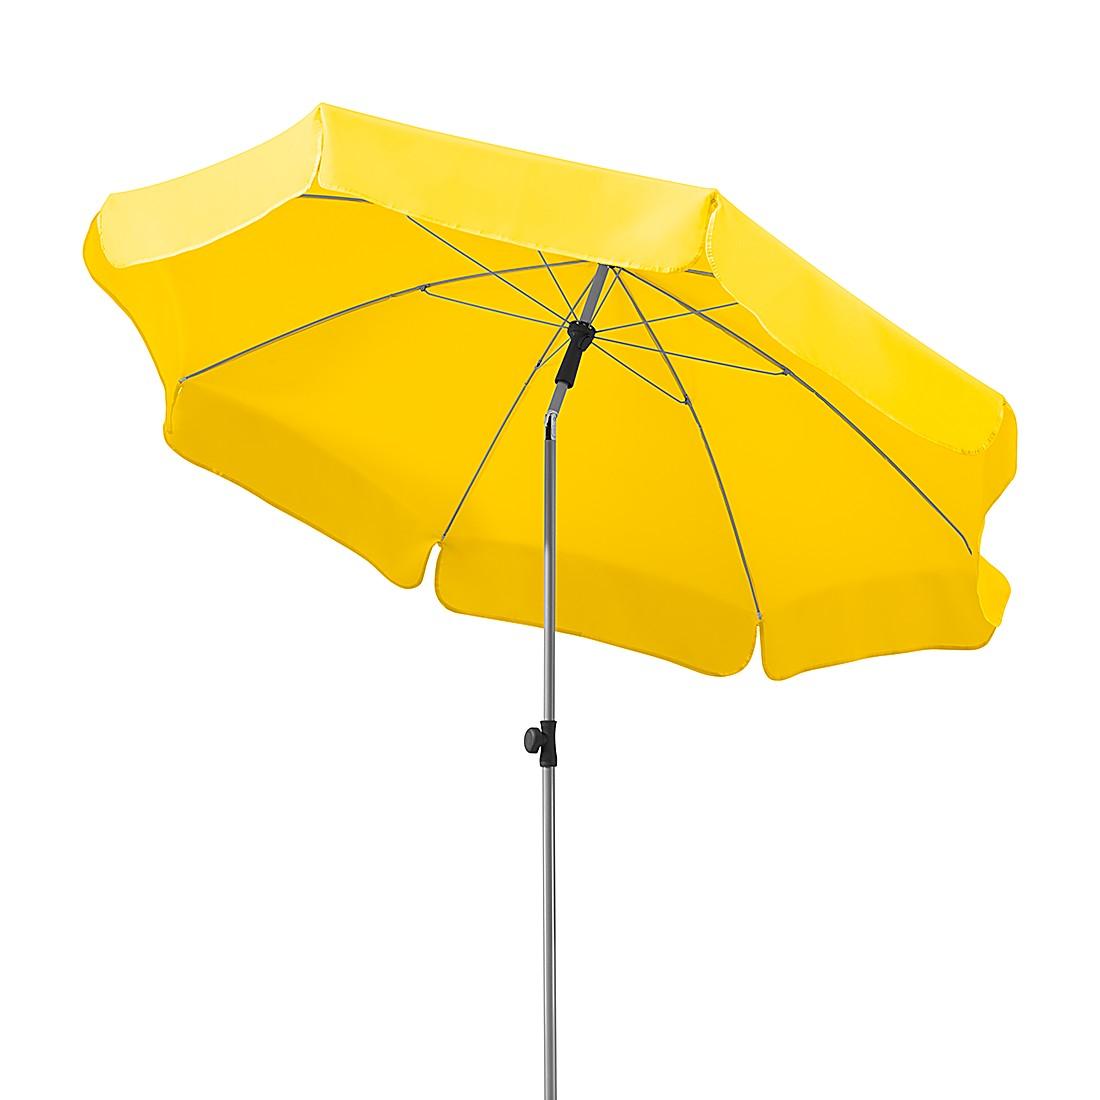 Lugano 200 Sonnenschirm – Stahl/Polyester – Silber/Zitrus, Schneider Schirme bestellen